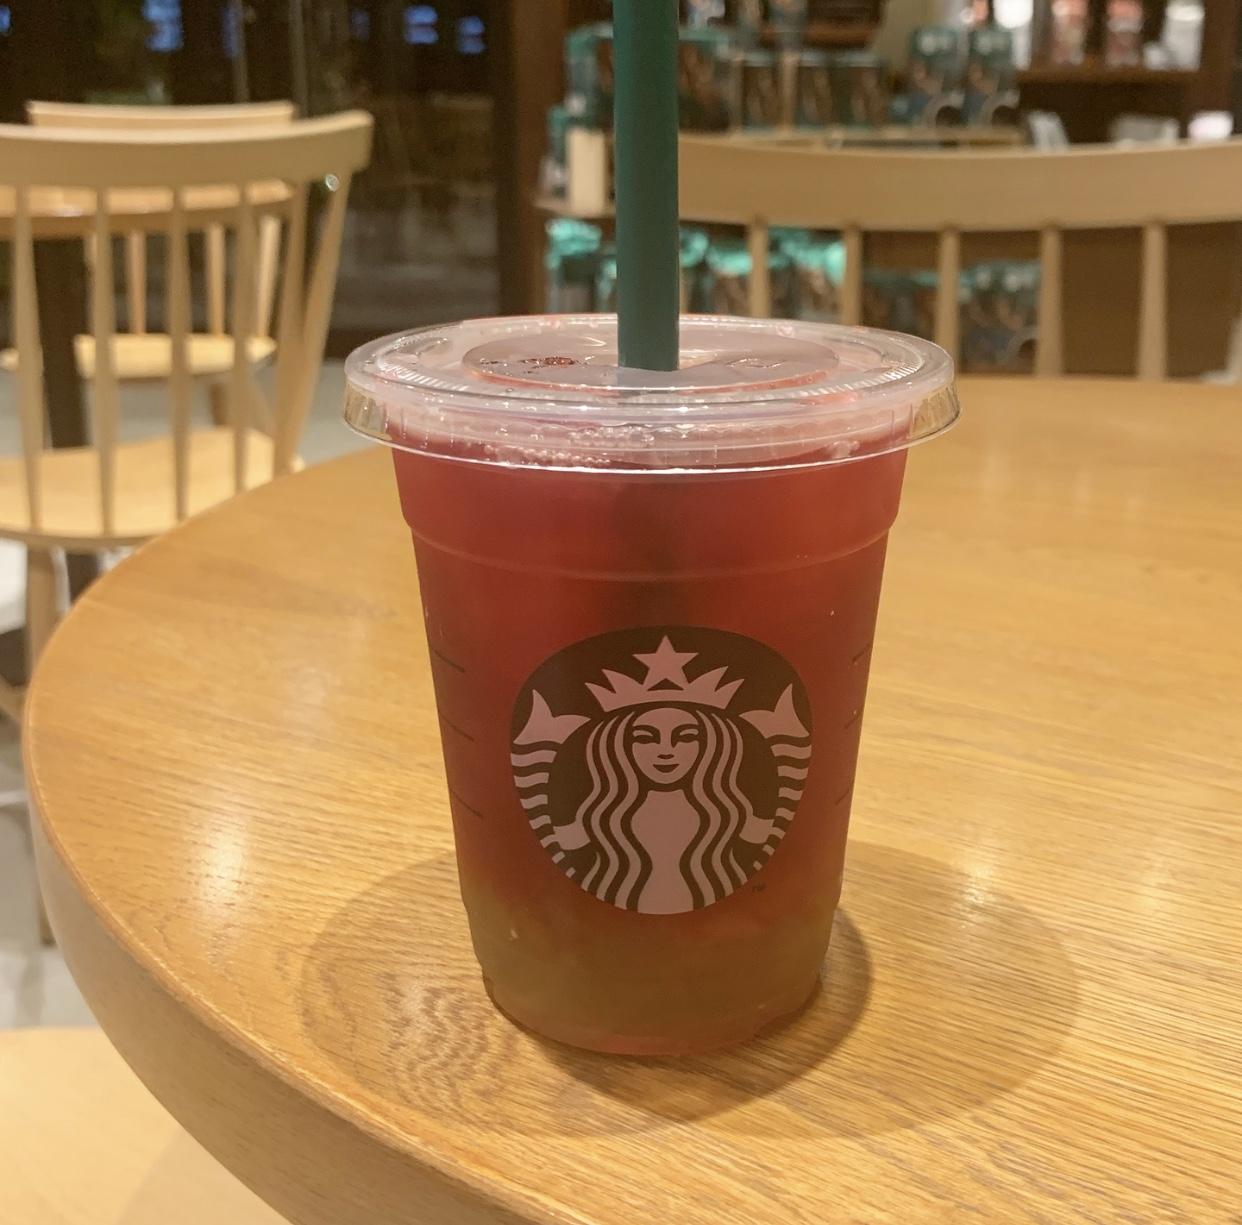 【スタバ新作】8月30日発売!!!ピンクとグリーンのりんごづくし!!皆さんはもう飲みましたか?⑅︎◡̈︎* _3